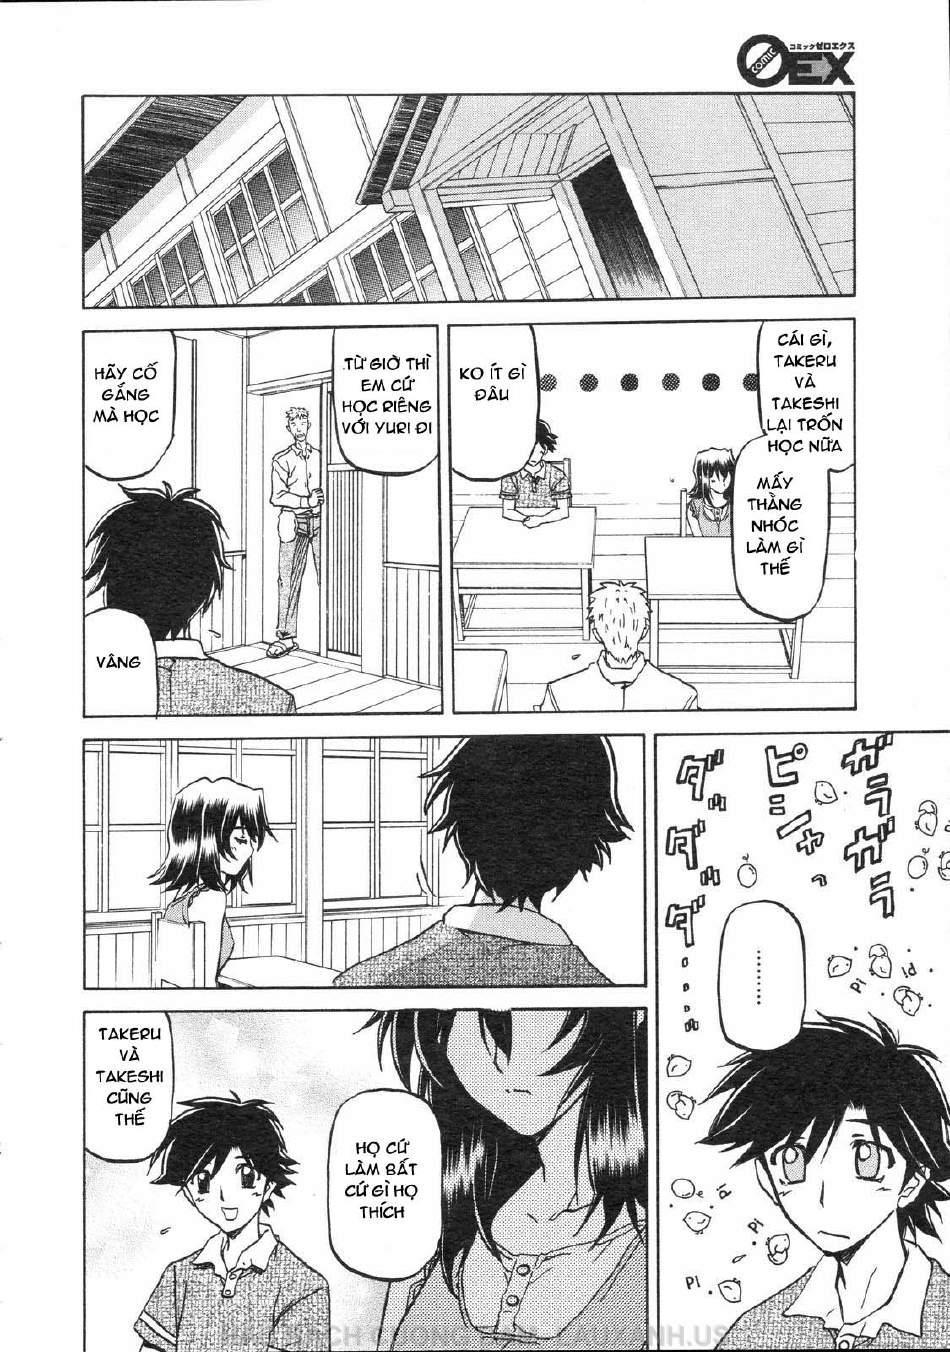 Hình ảnh hentailxers.blogspot.com0091 trong bài viết Manga H Sayuki no Sato